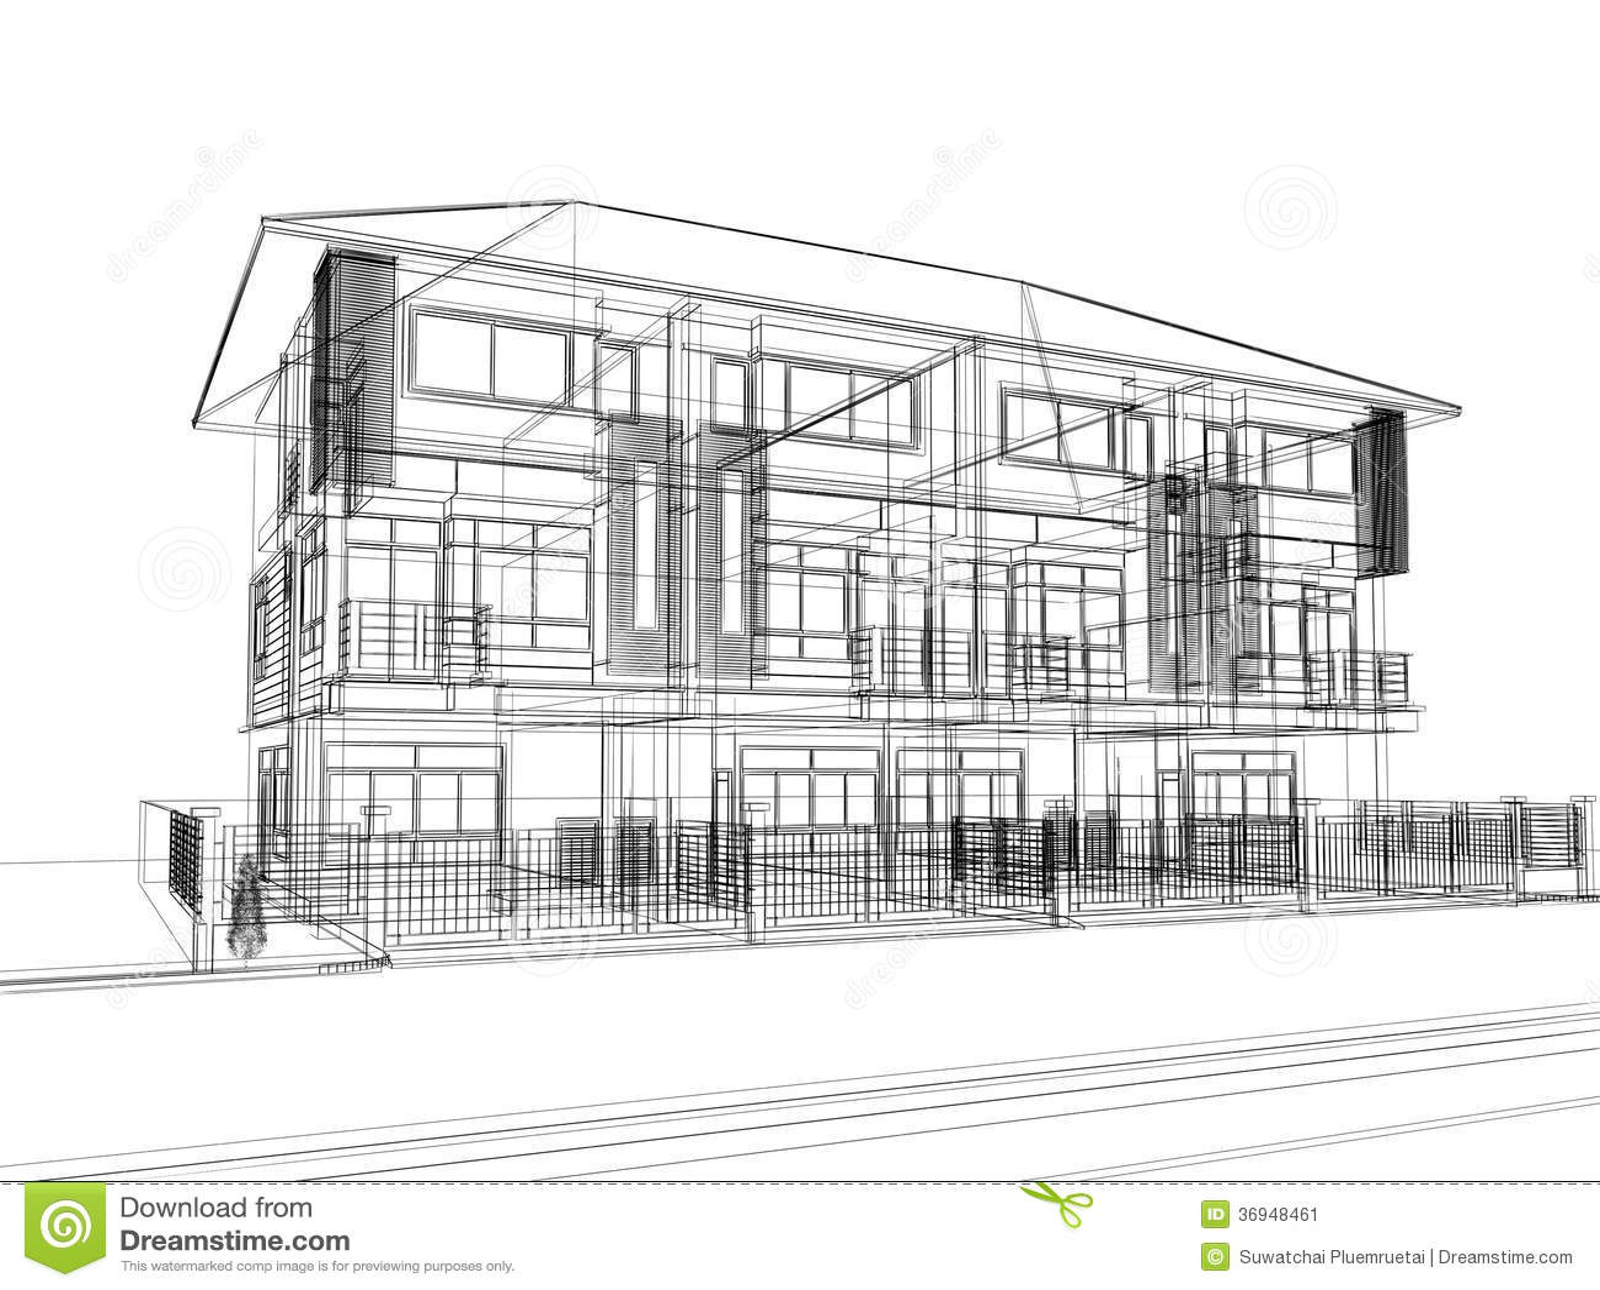 3D Sketch Of Home Design Stock Illustration - Image: 57372414